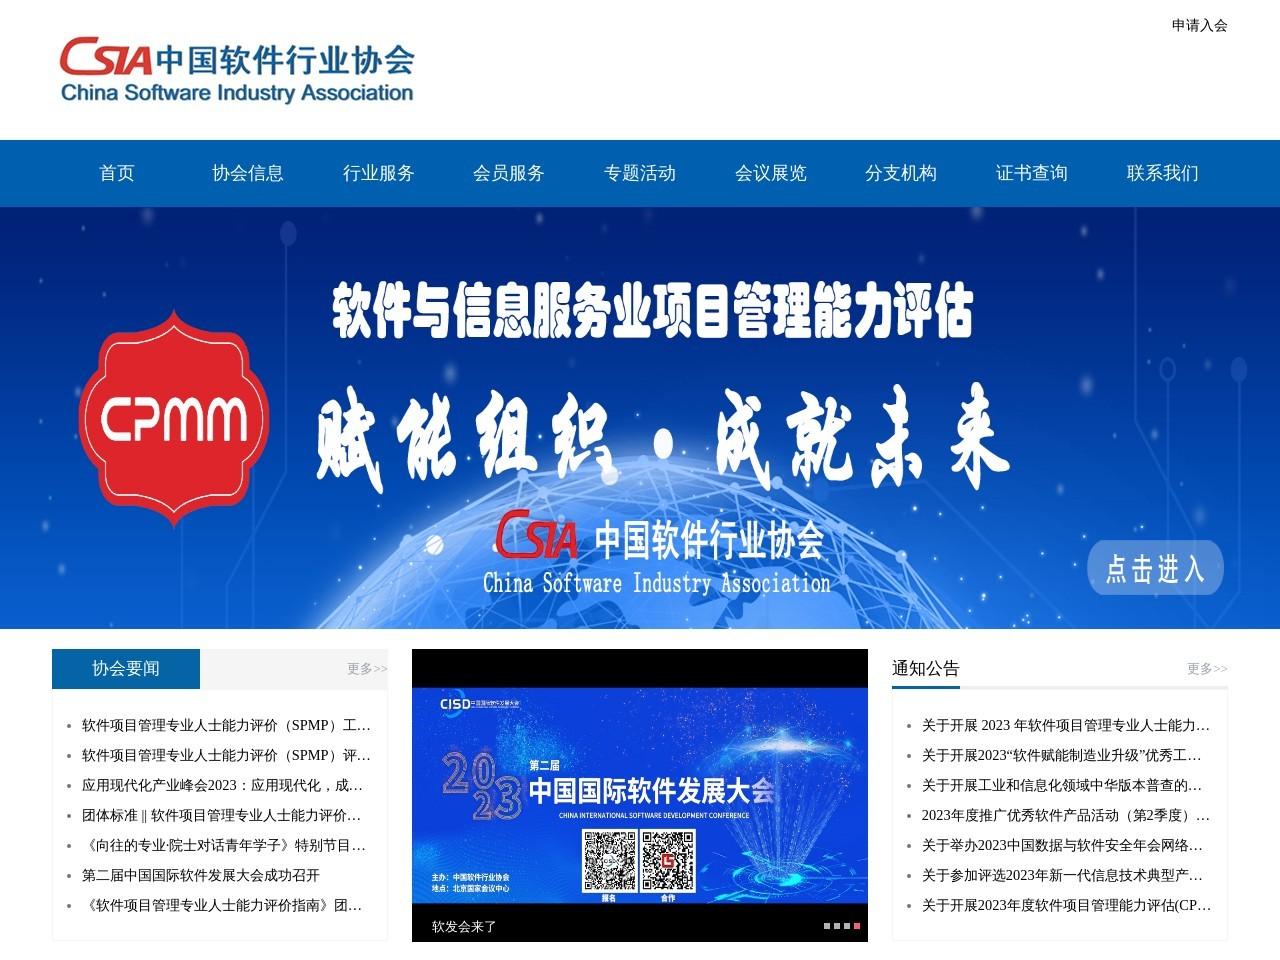 中国软件行业协会